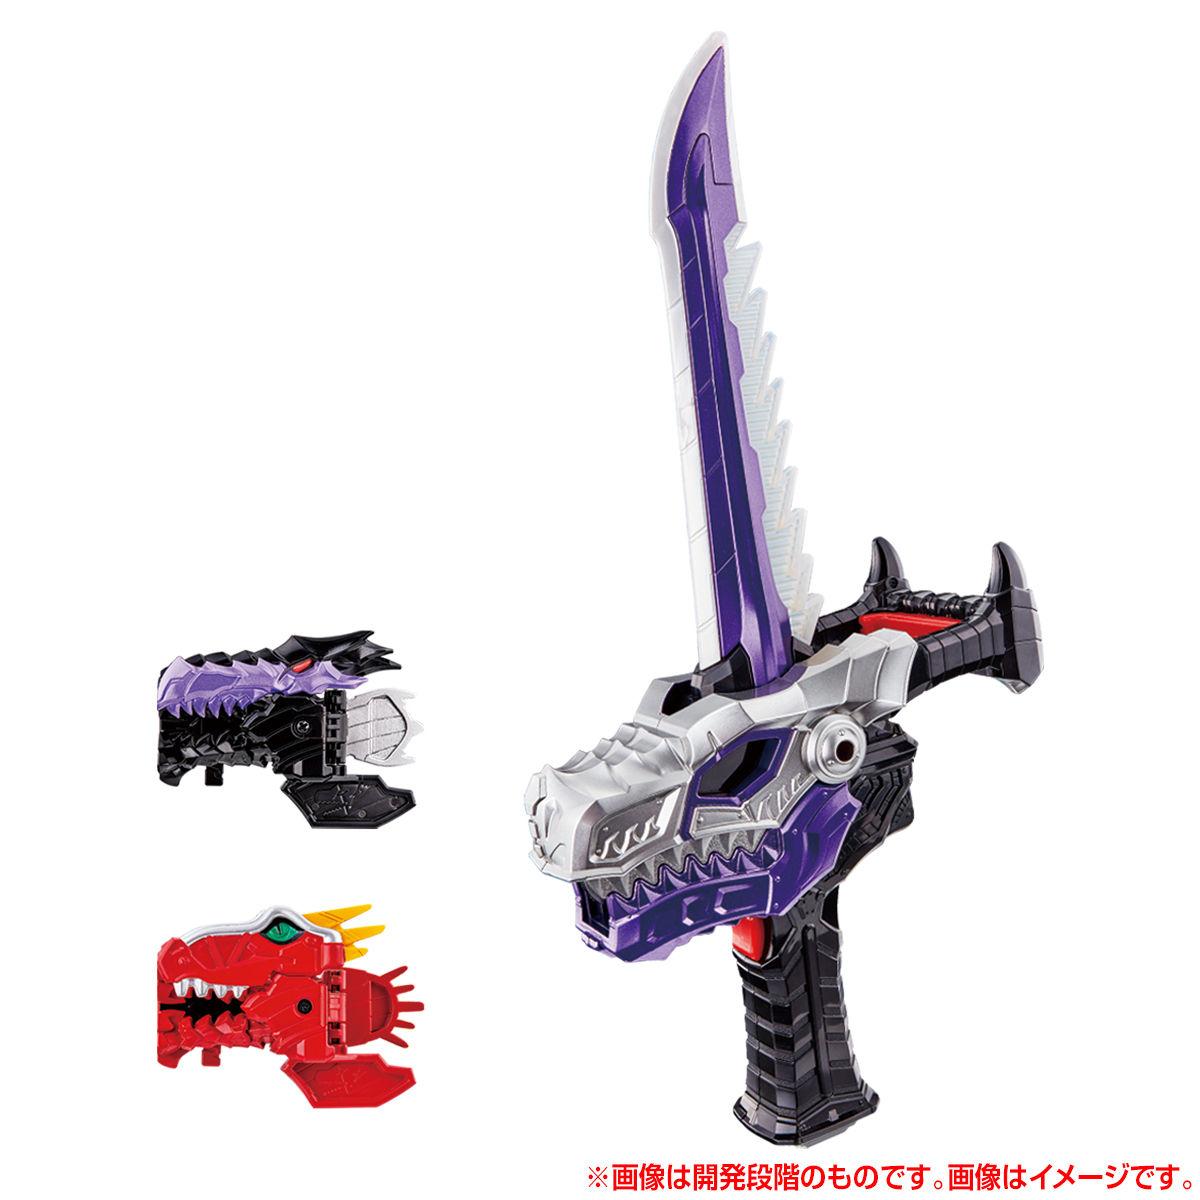 騎士竜戦隊リュウソウジャー『変身剣 DXガイソーケン』変身なりきり-002